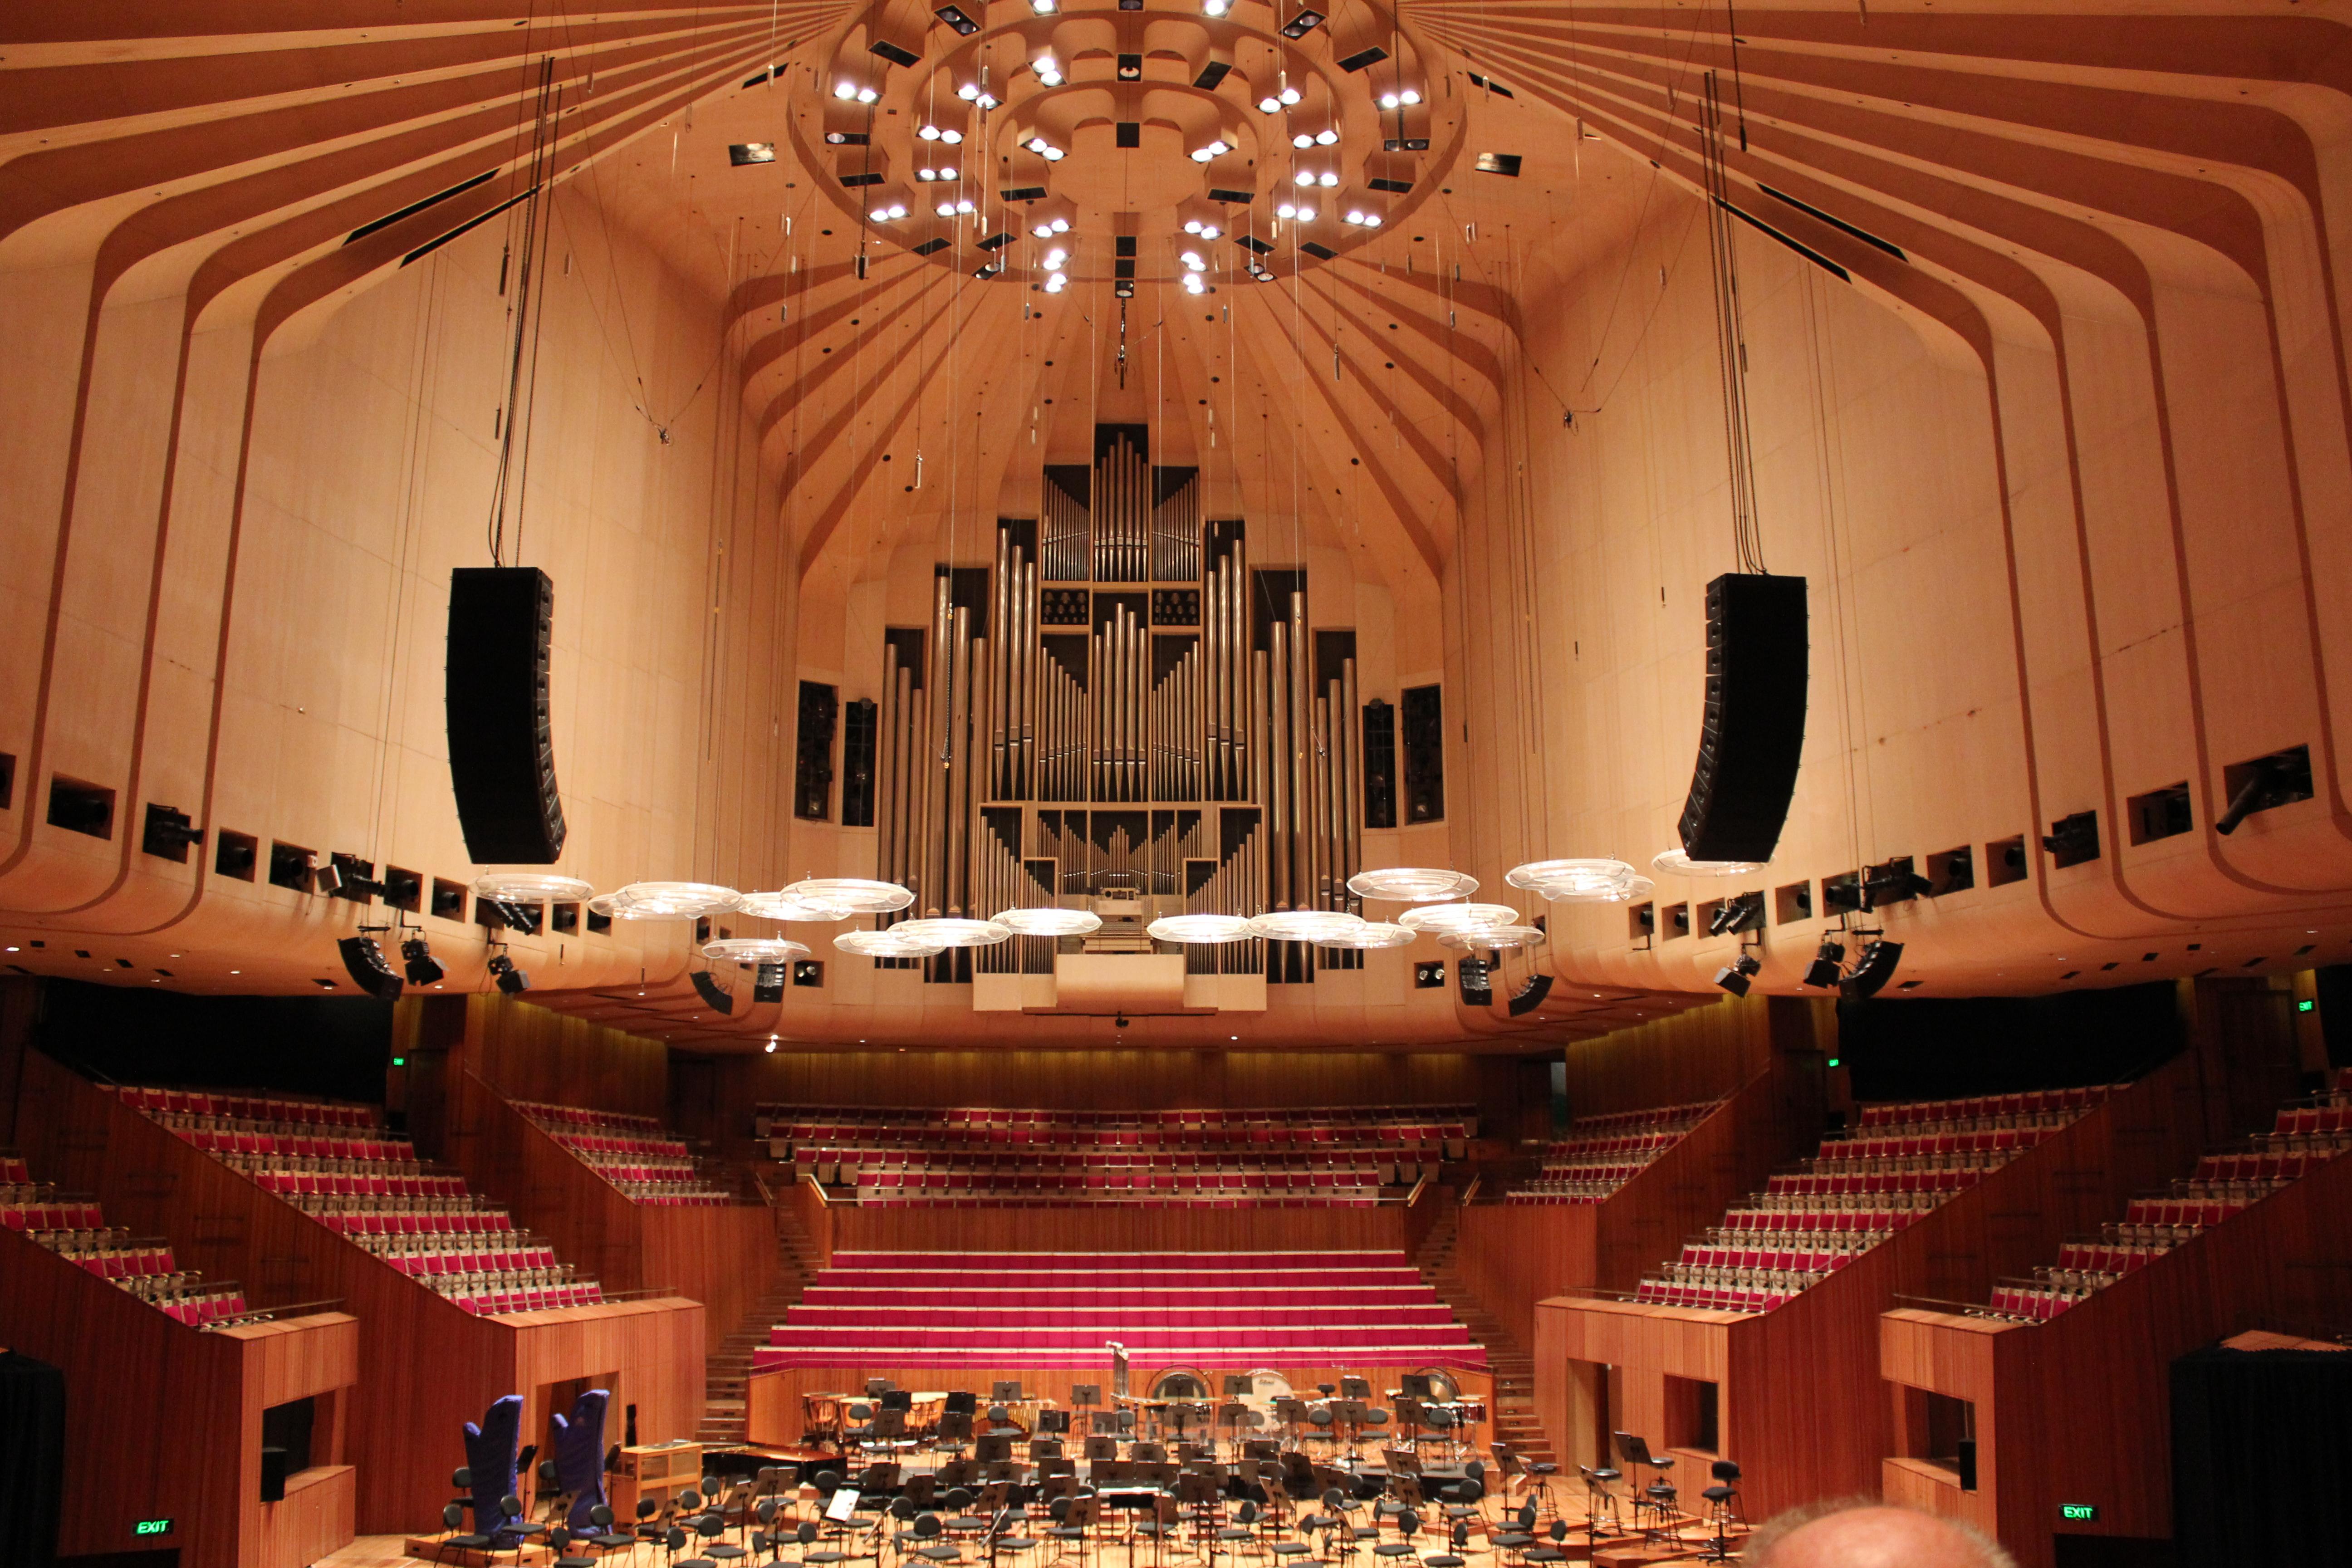 opera-de-sydney-interieur - Photo